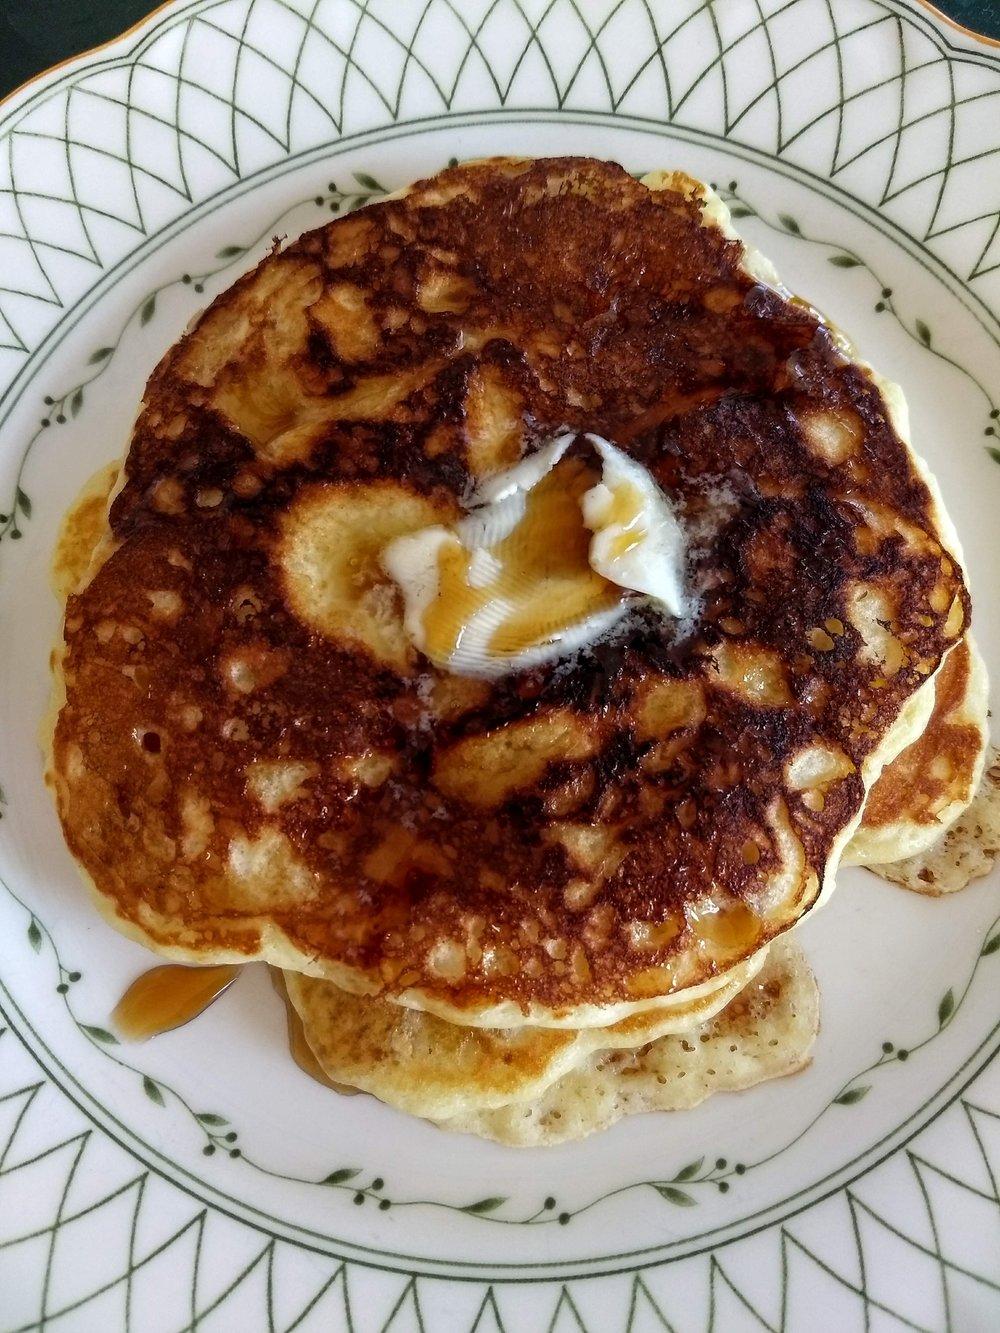 beneaththecrust.buttermilk-pancakes